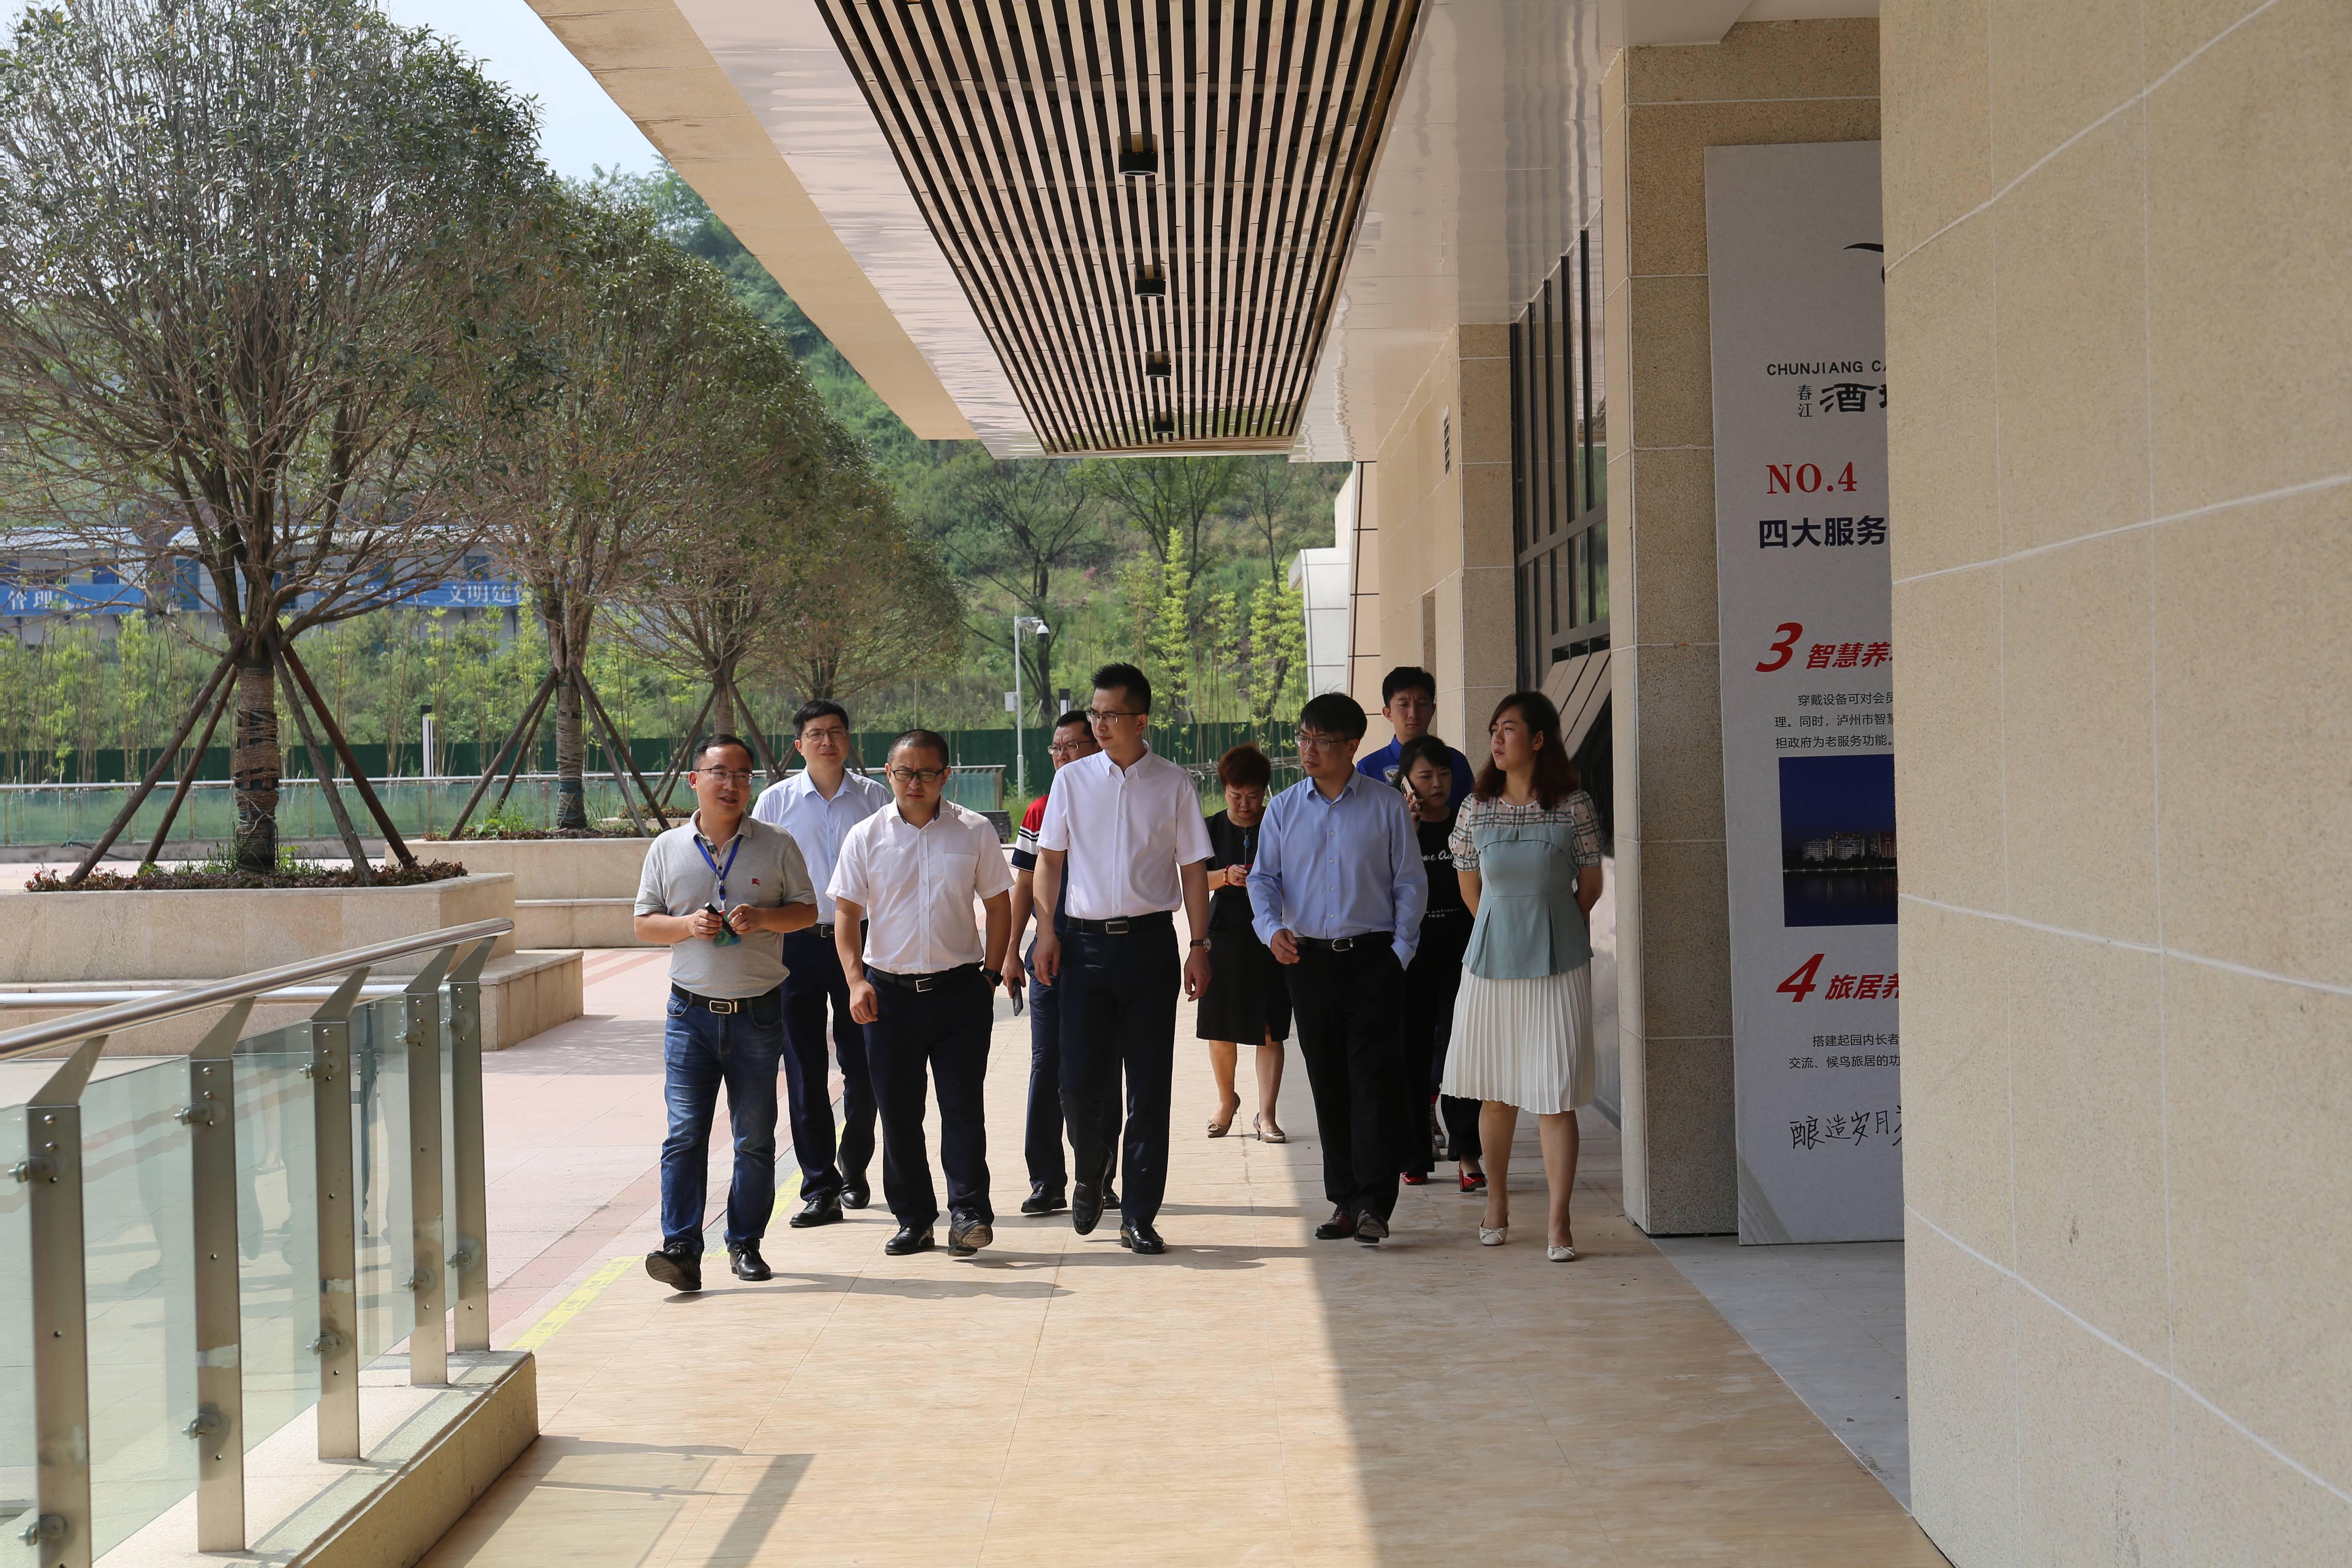 中国太平保险集团四川分公司与西南医投集团洽谈春江酒城嘉苑项目合作